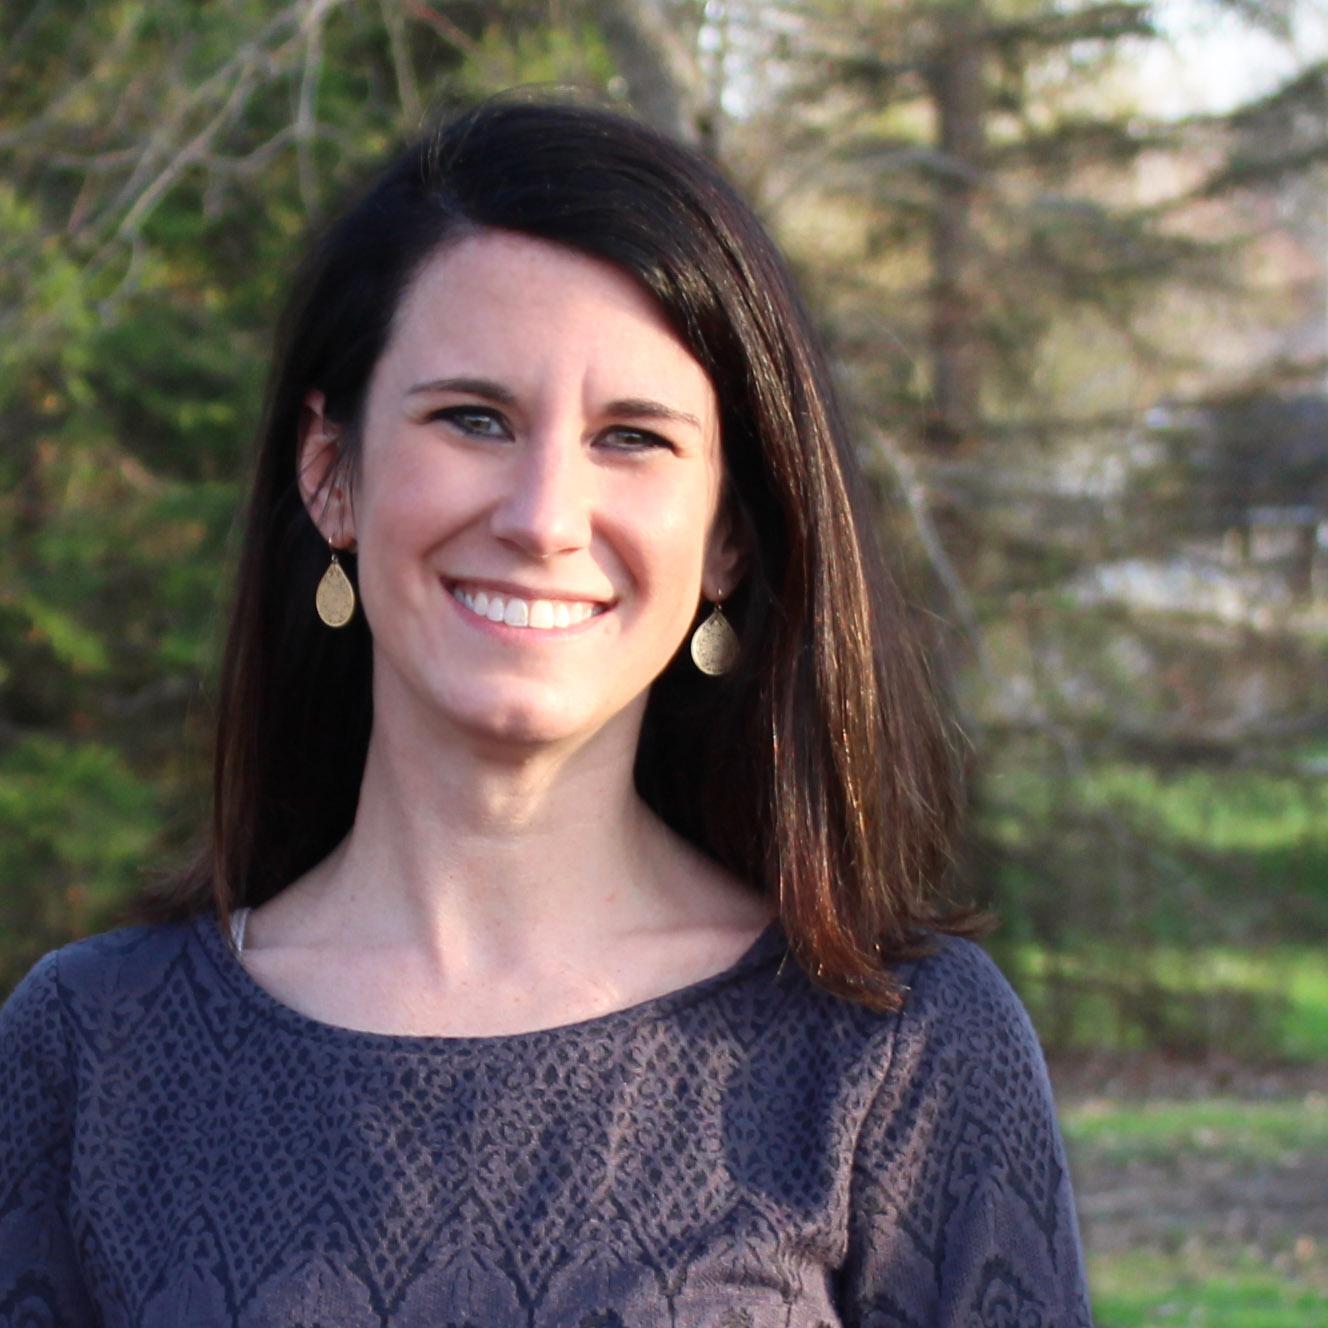 Laura Langebartels